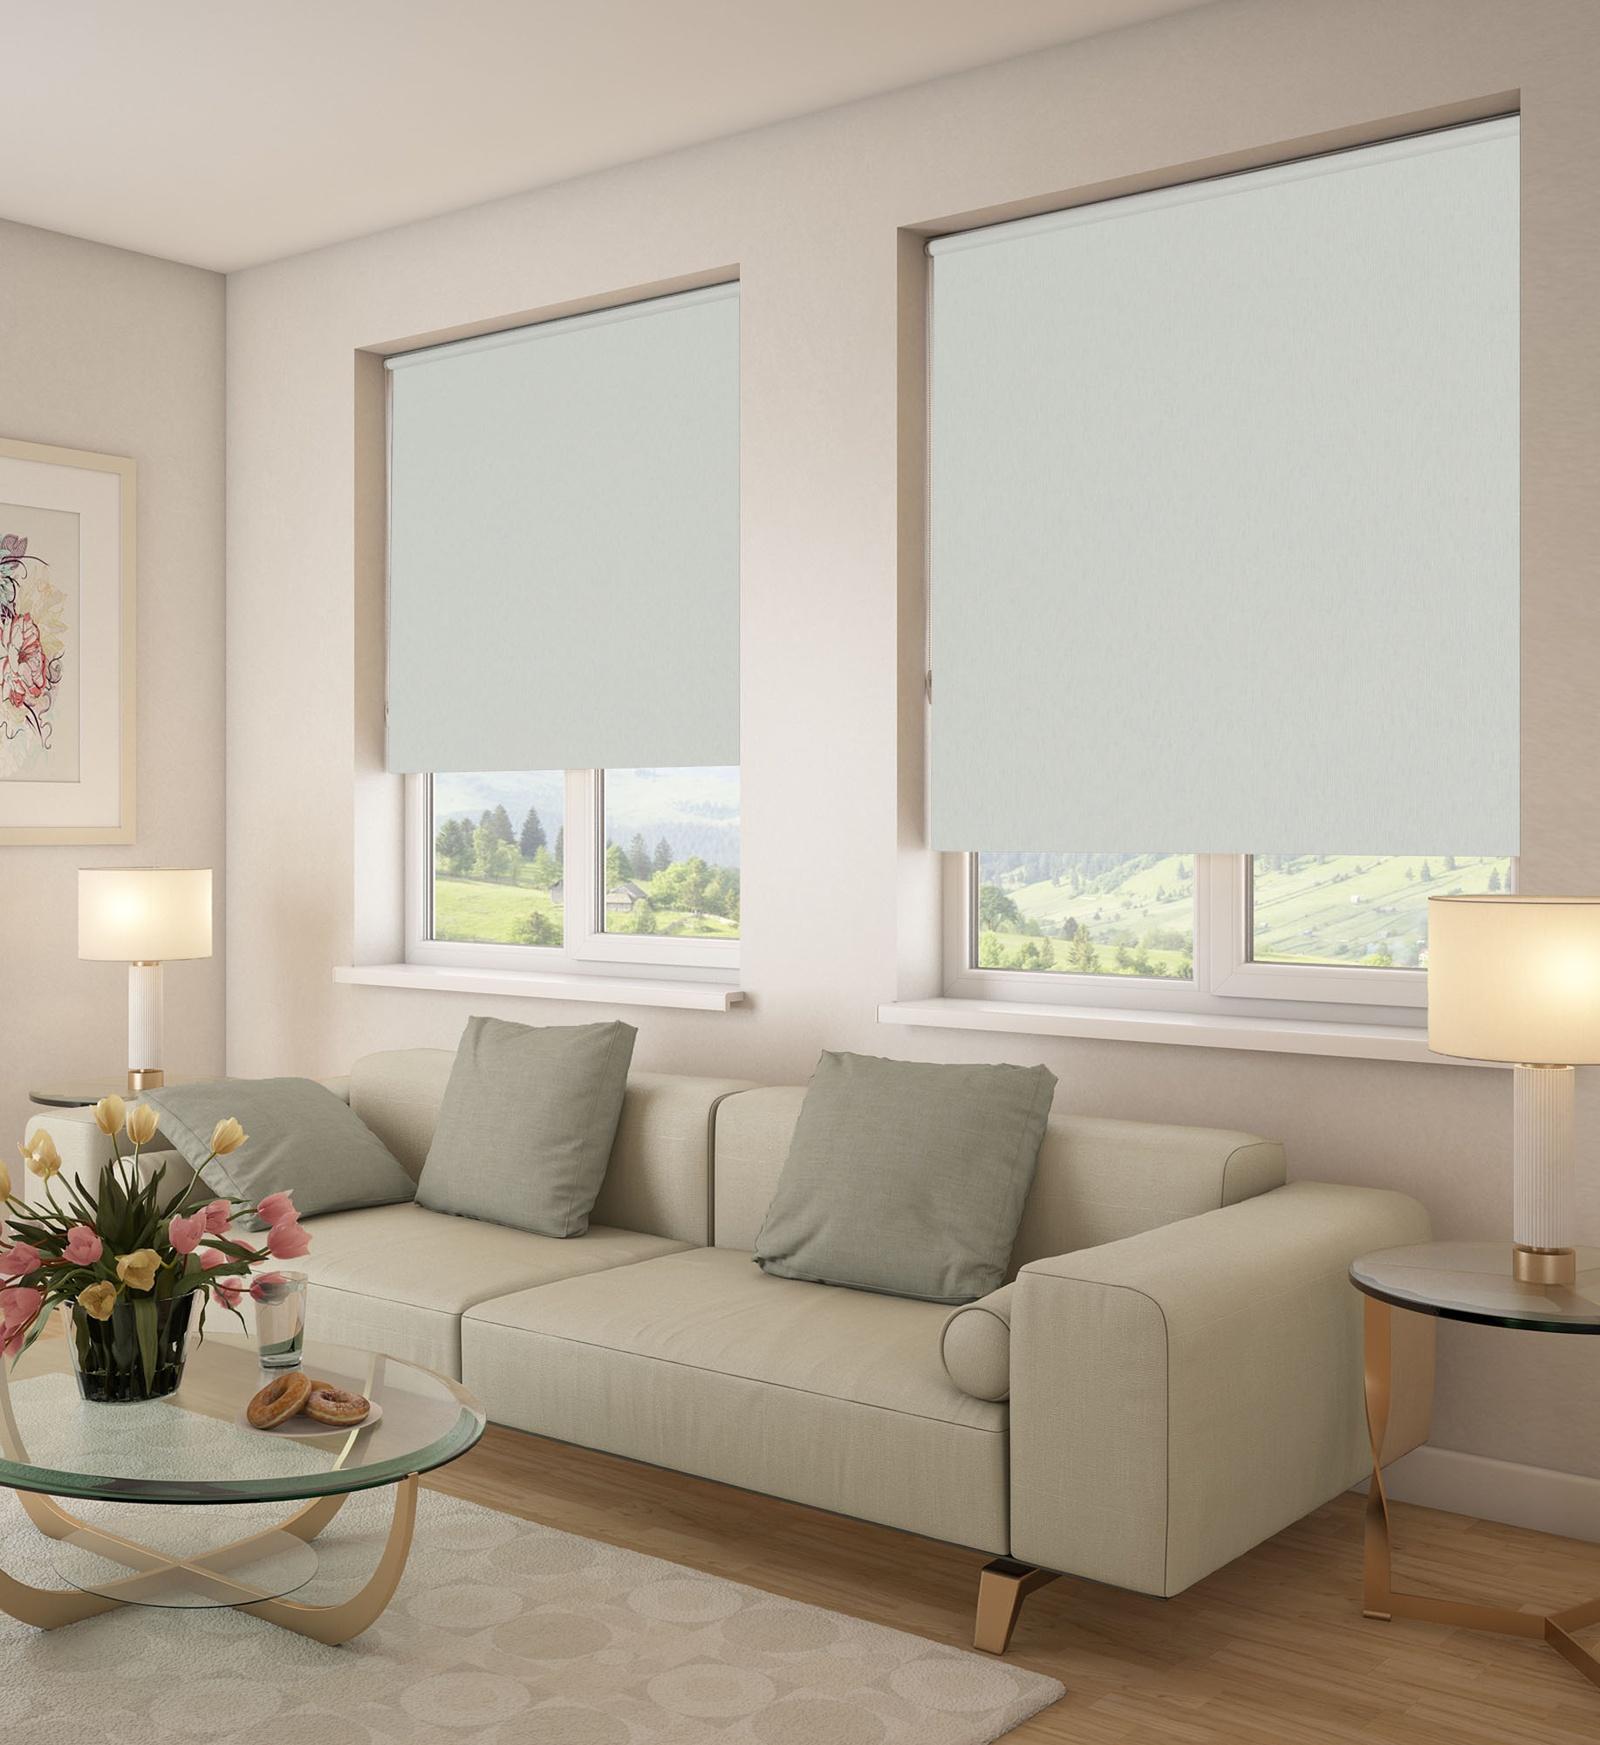 Рулонные шторы DDA однотонная серая 73х160 см, 68435, серый68435Рулонные шторы удерживают до 80% проникающего света. Поднятые вверх, они обеспечат доступ лучам солнца, в приспущенном виде - укроют от полуденного зноя, в закрытом виде-подарят ощущение защищенности, спокойствия и уюта. Текстиль, лежащий в основе рулонных штор, предварительно обрабатывают антибактериальными средствами и пропитками с пылеотталкивающими свойствами. Изделие устойчиво к выгоранию, замечательно сочетается с различными типами штор и выступает прекрасным дополнением к дизайну интерьера. Легкая установка на все типы окон: без сверления на створку окна и в проём окна на шурупах. Магниты на нижней планке для плотного прилегания к окну. В комплекте: рулонная штора,крепежные элементы и инструкция по установке.